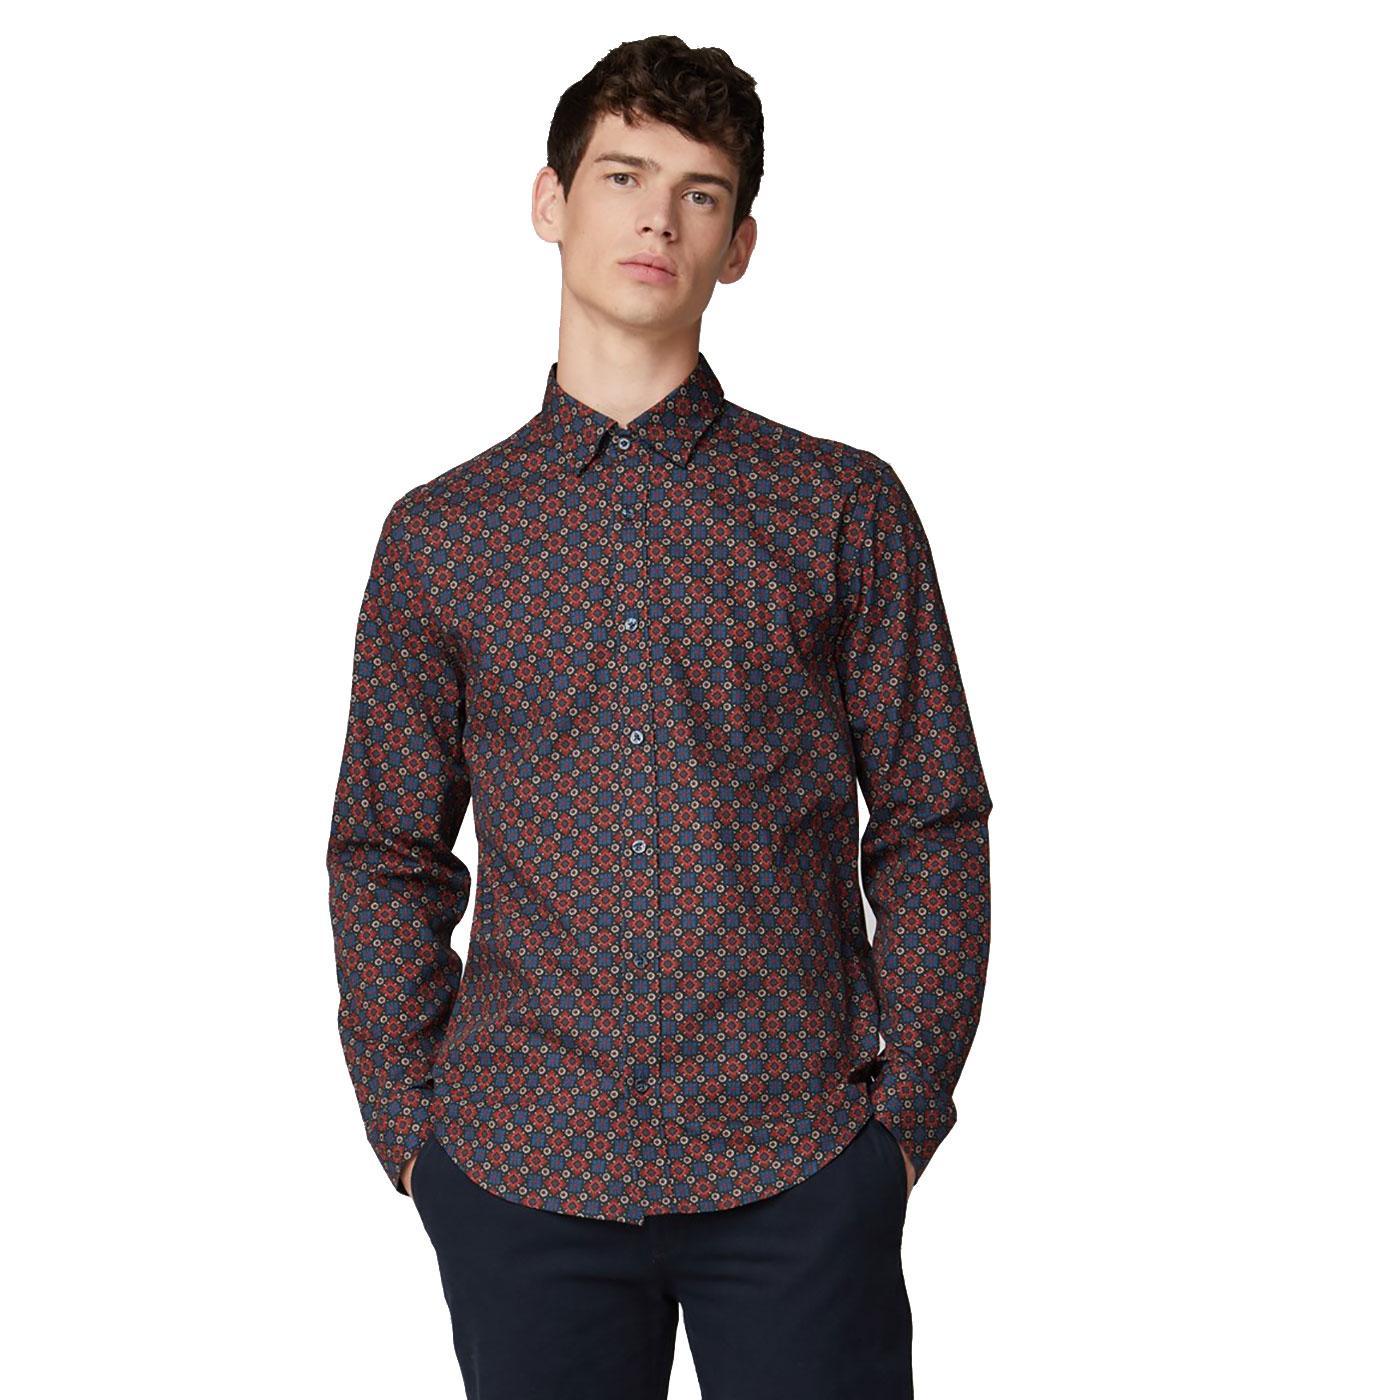 BEN SHERMAN Retro Mod Foulard Floral Print Shirt